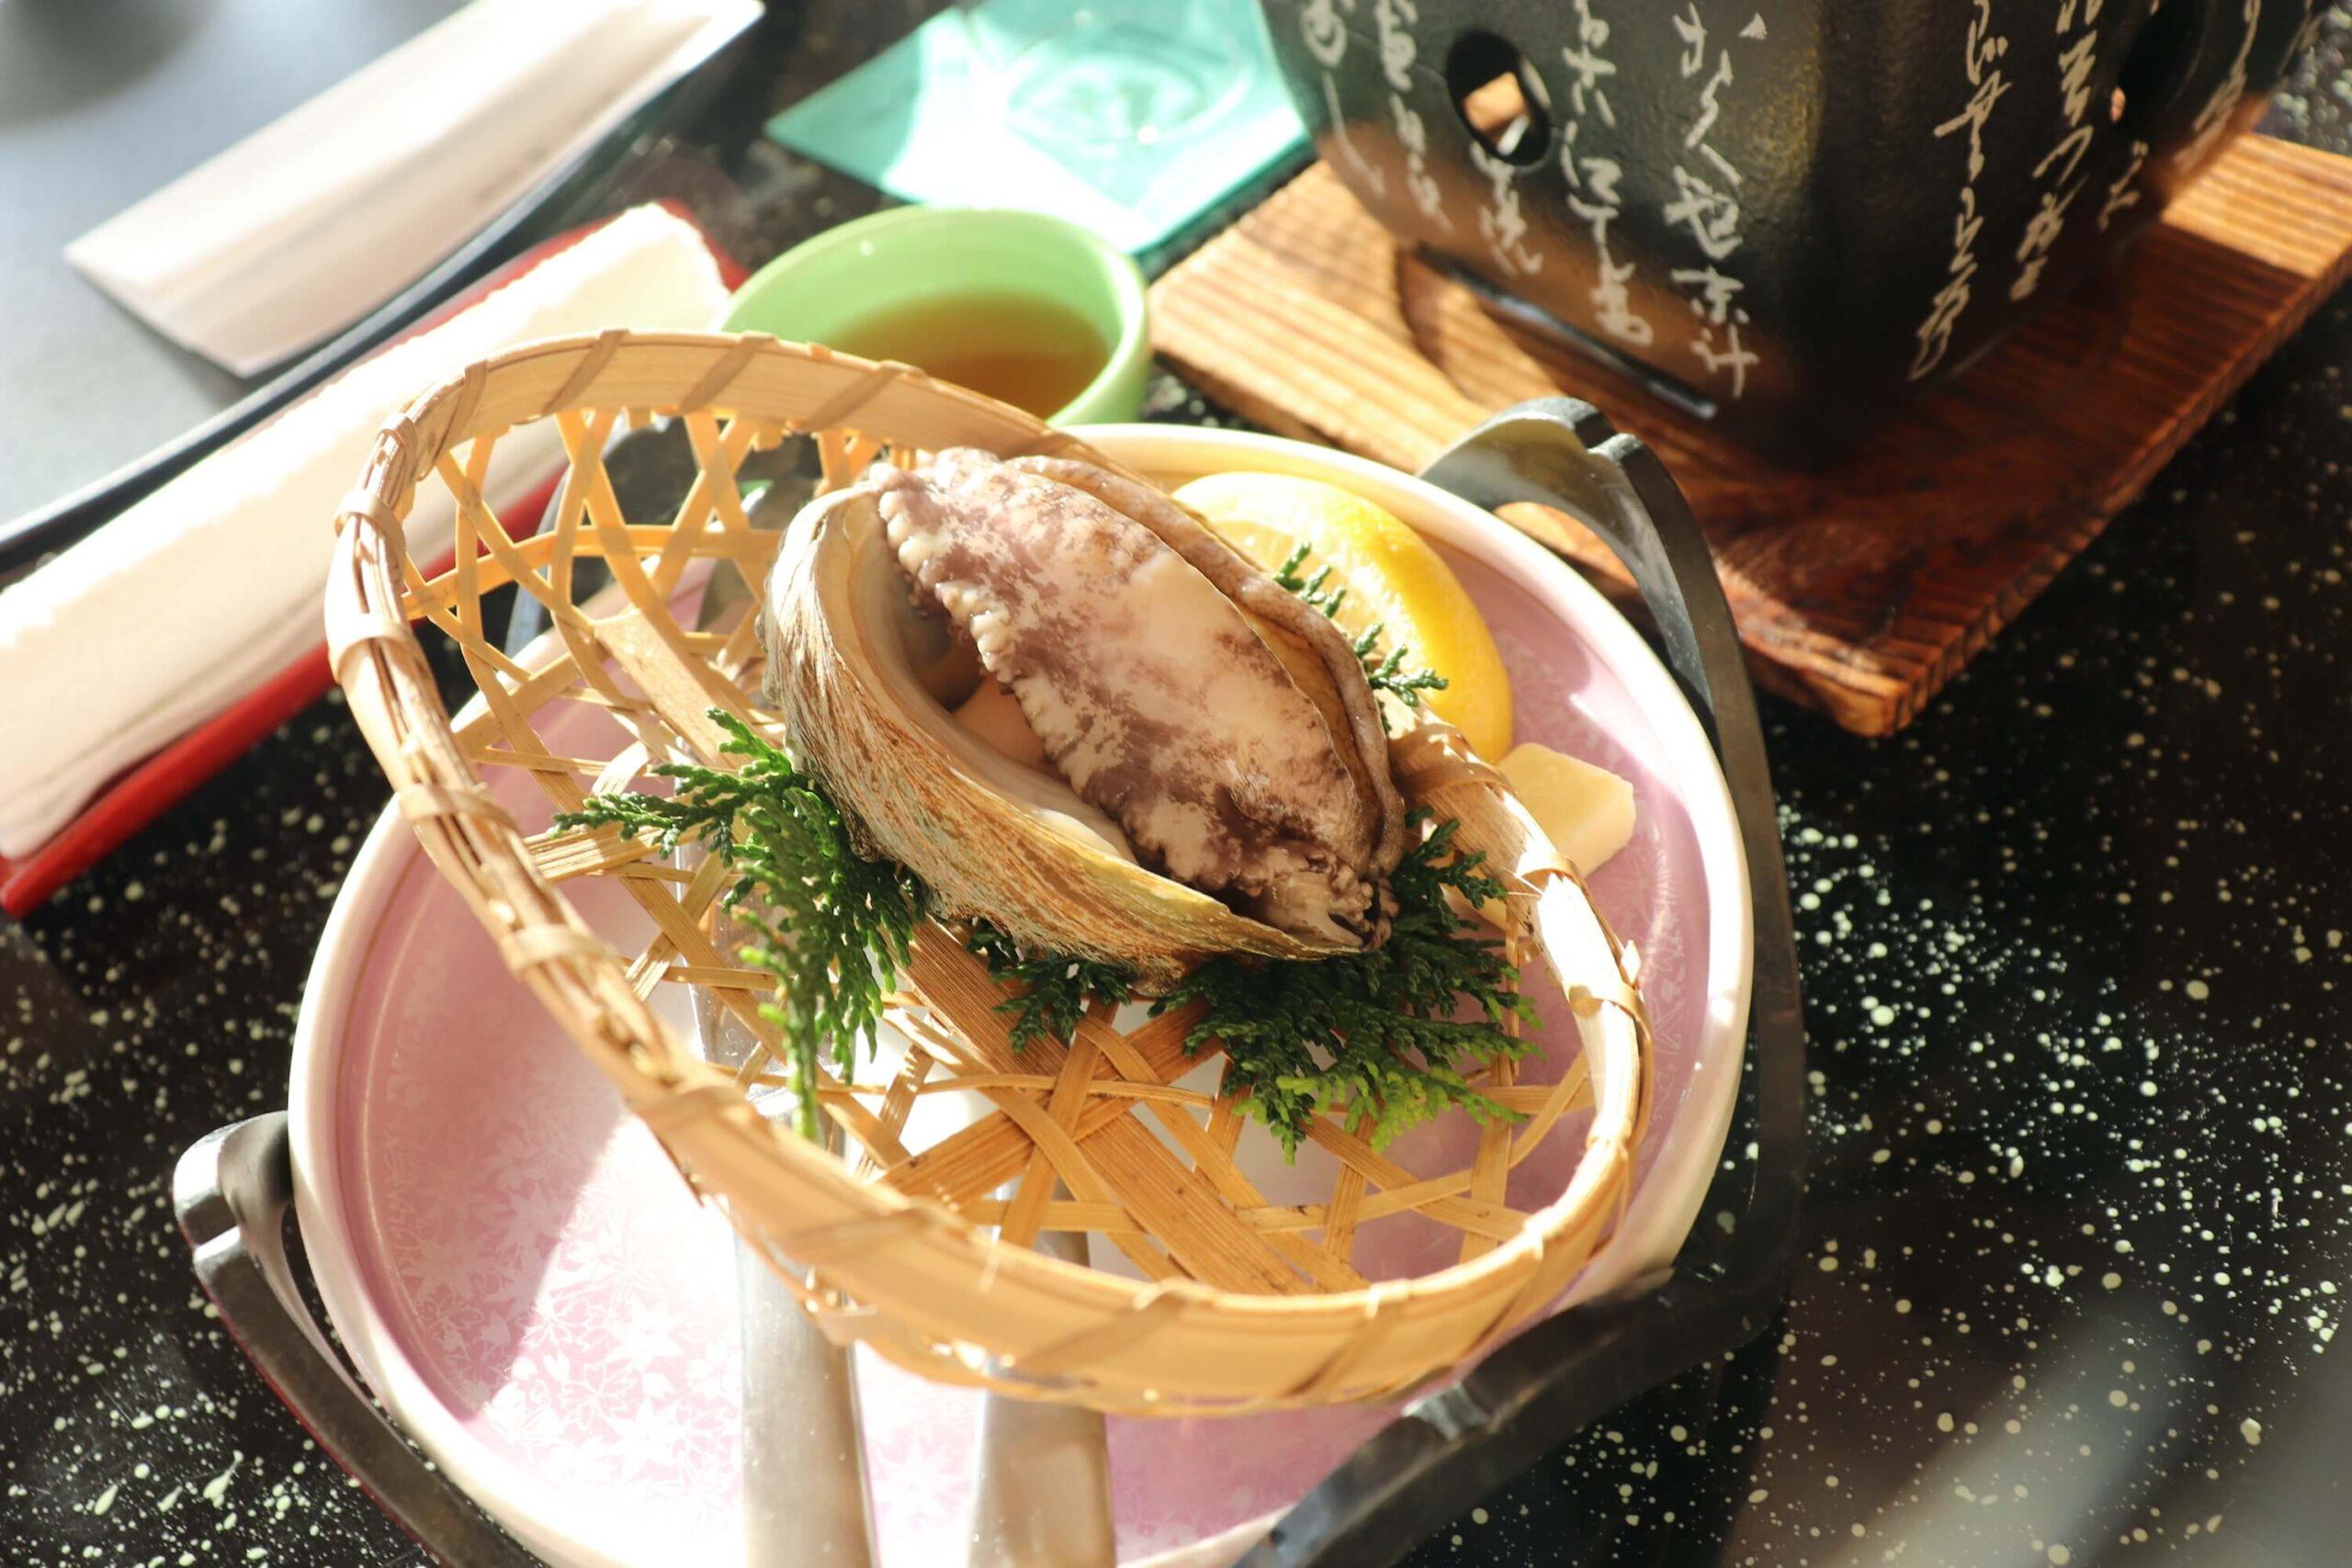 粋松亭の絆会席料理(夕食)のあわびの踊り焼き